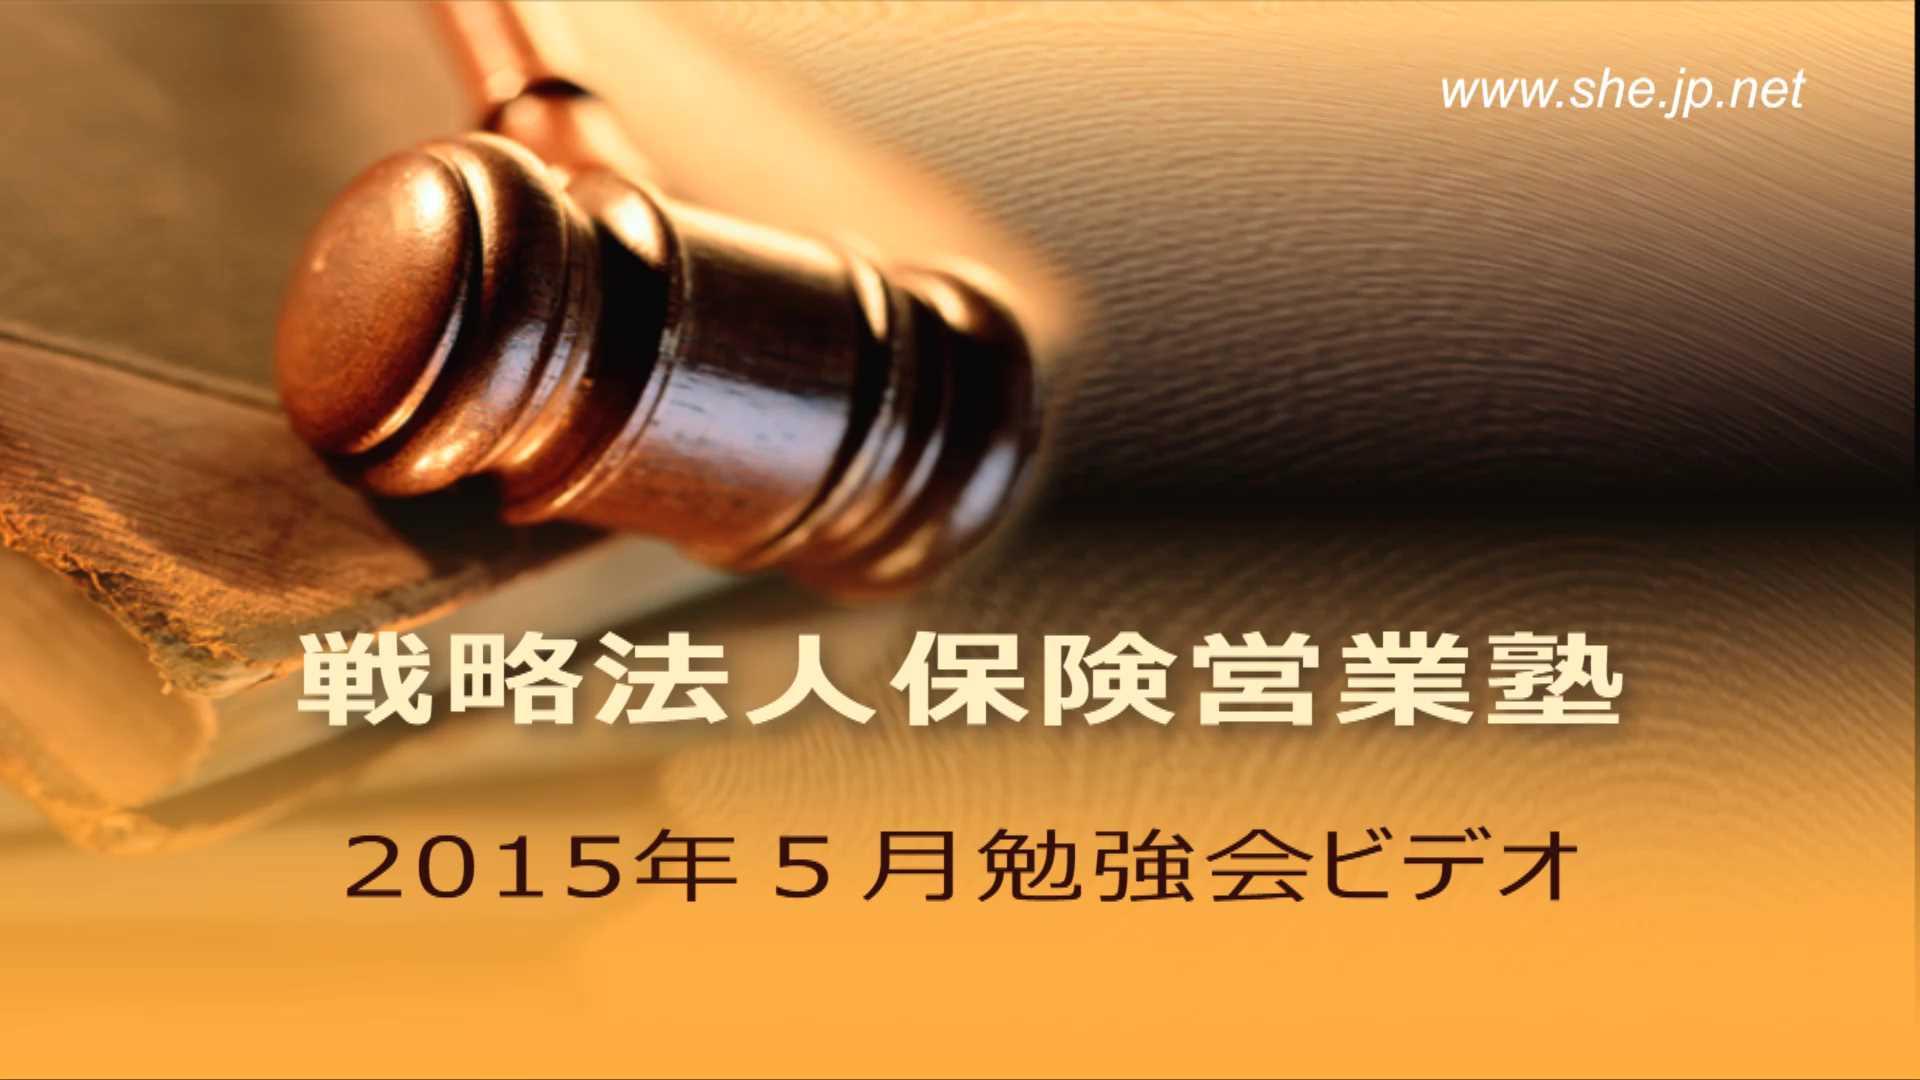 【受講者専用】 2015年5月LiveSHE勉強会ビデオ(メンバー限定)